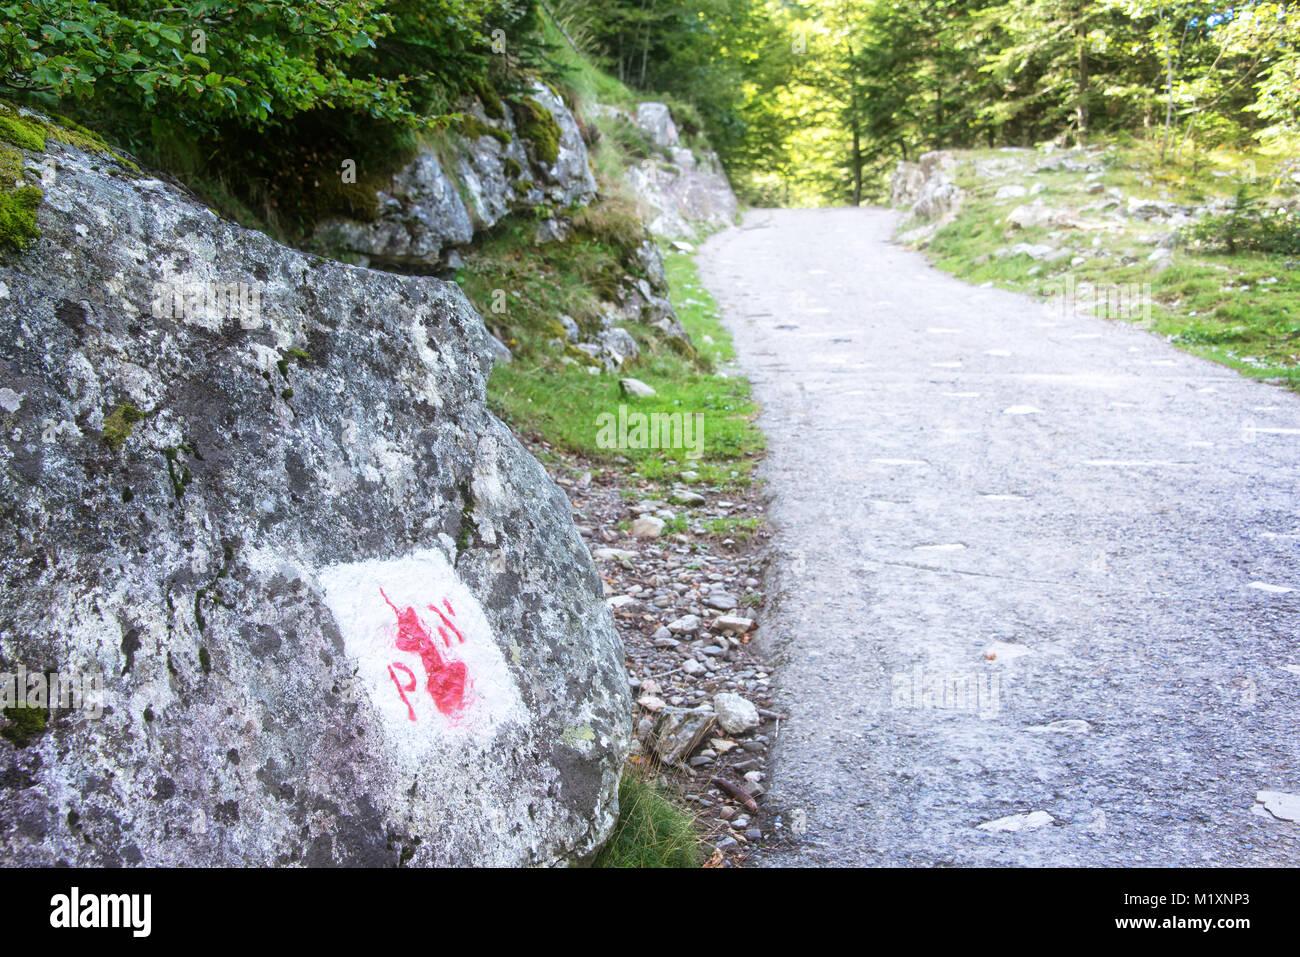 Símbolo de la frontera del parque nacional de los Pirineos pintado sobre una roca Imagen De Stock